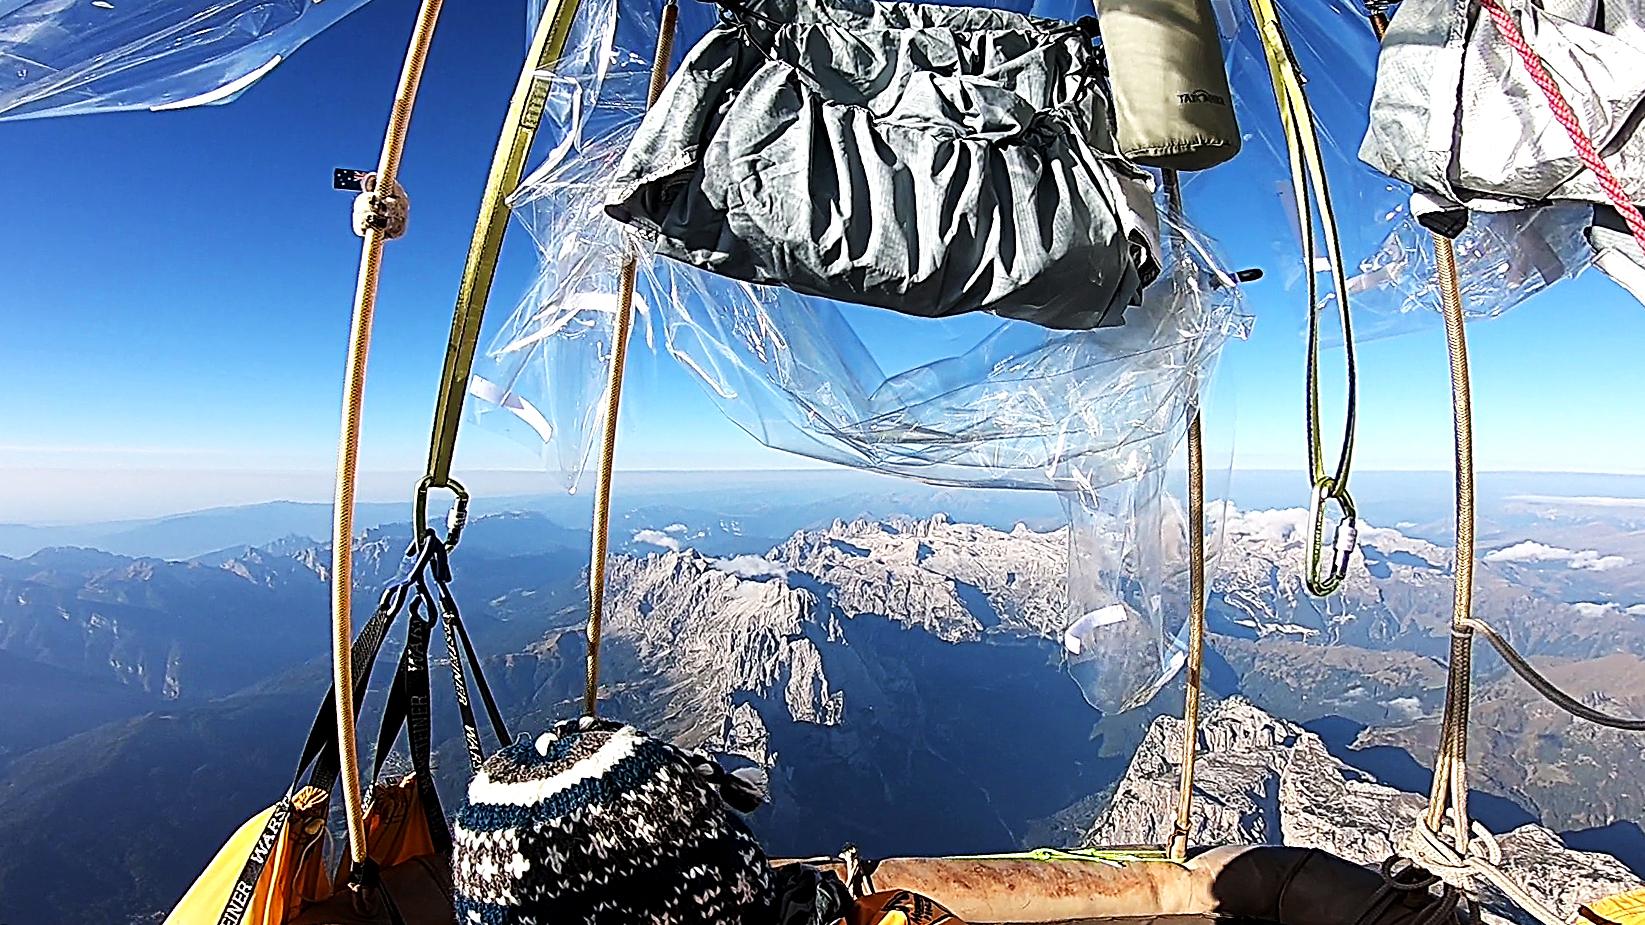 Flying 'Bernadette' Over Dolomites Italy 2018